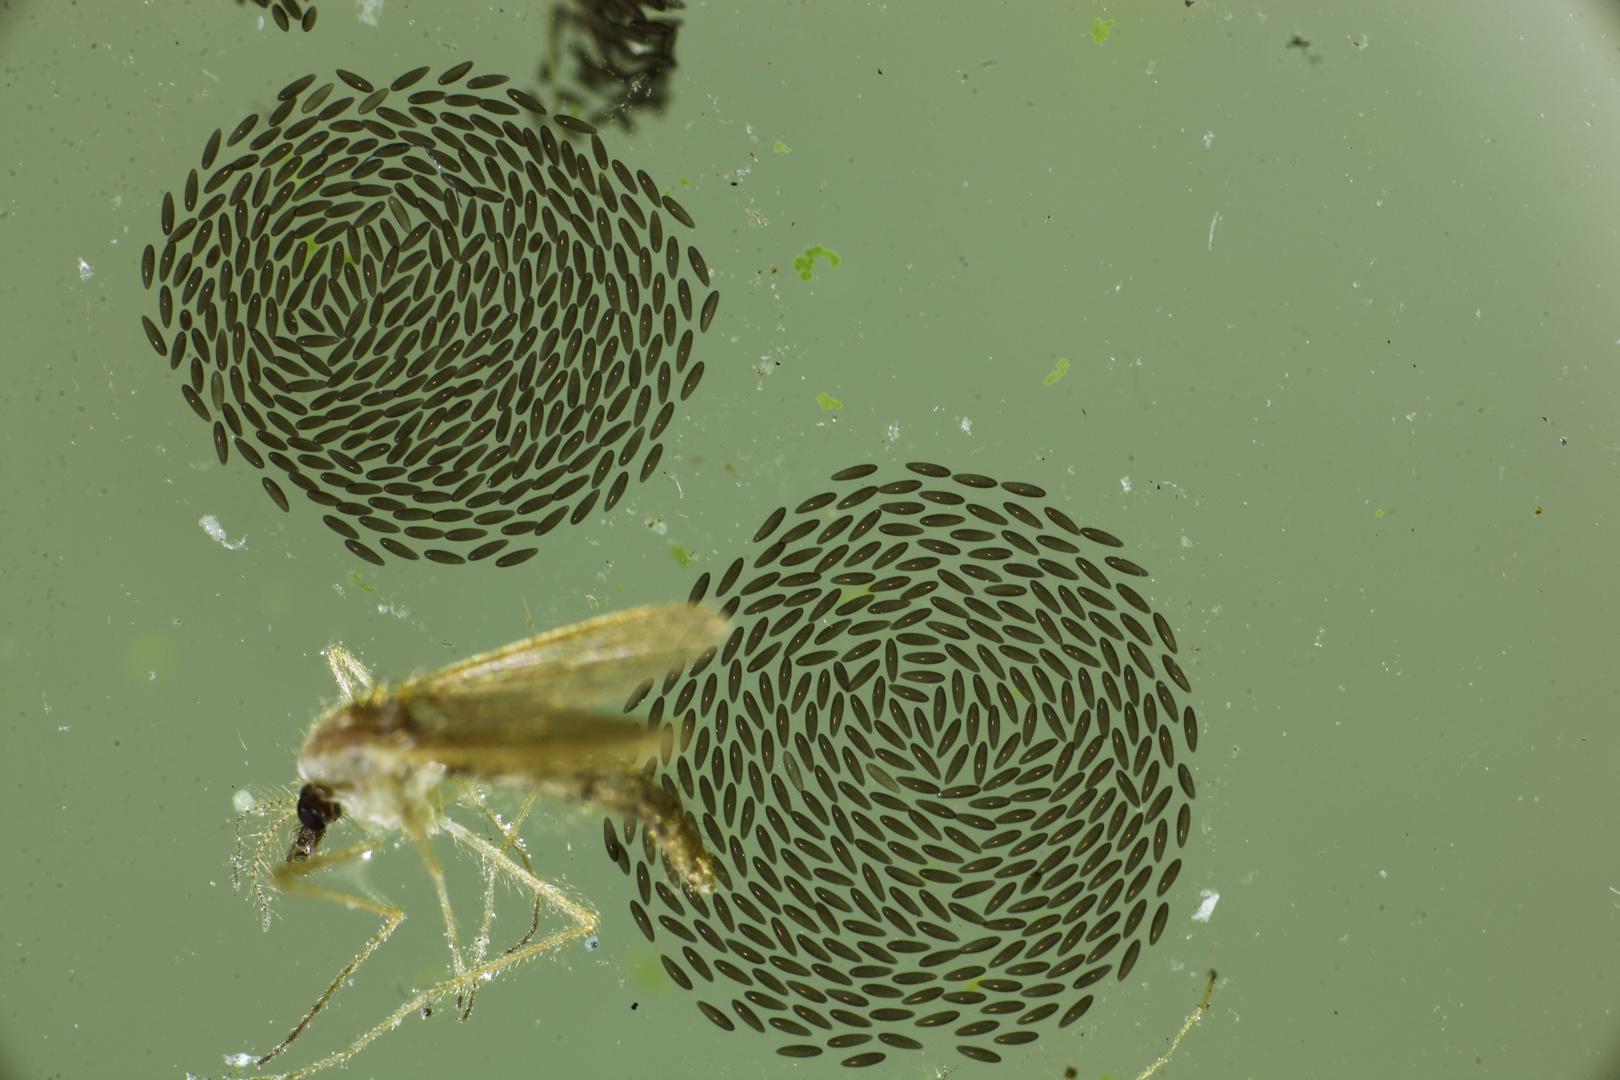 Mückeneier mit Mücke